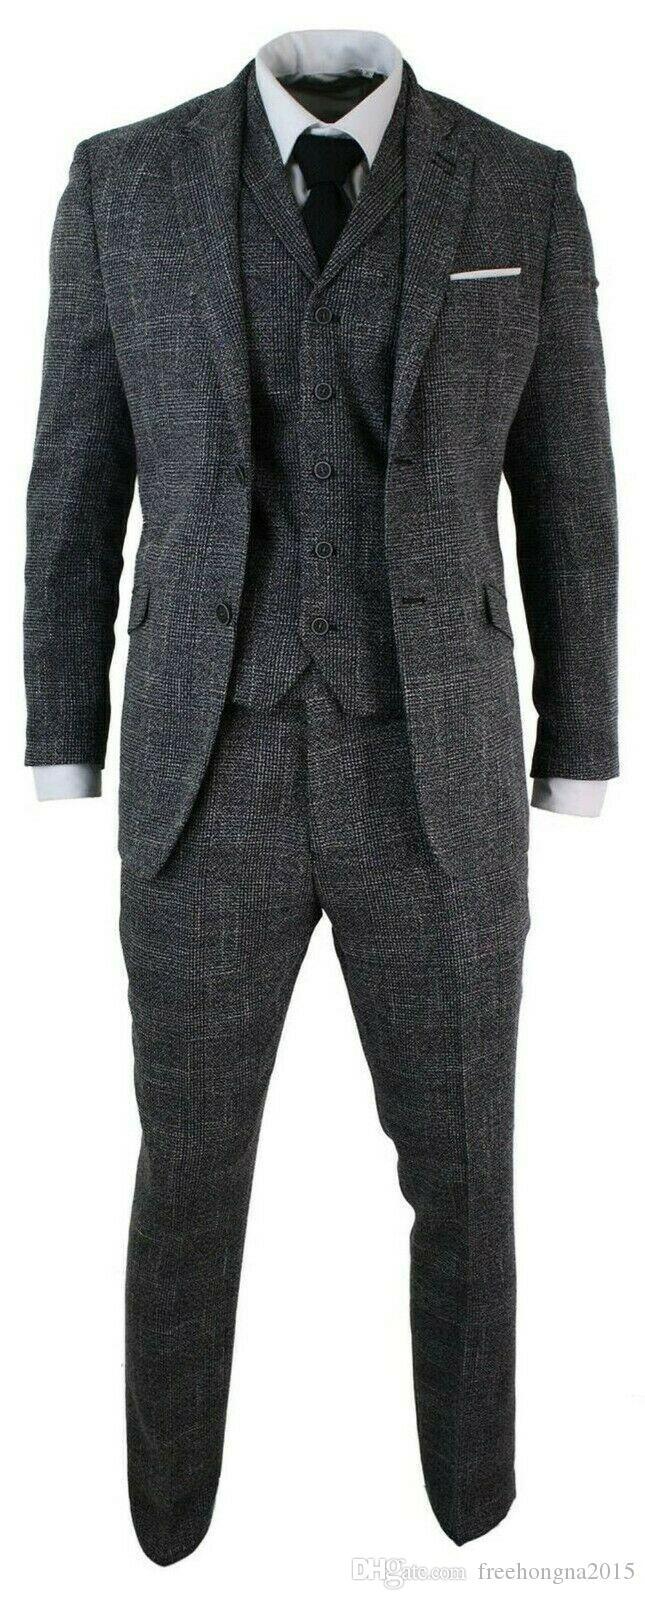 2020 Vintage мужских костюмов заказуНаш Fit 3 шт Серой Черной Елочки Tweed Урожай ретро официально костюм шерсть Свадебных смокингов Мужские костюмы Плюс Siz